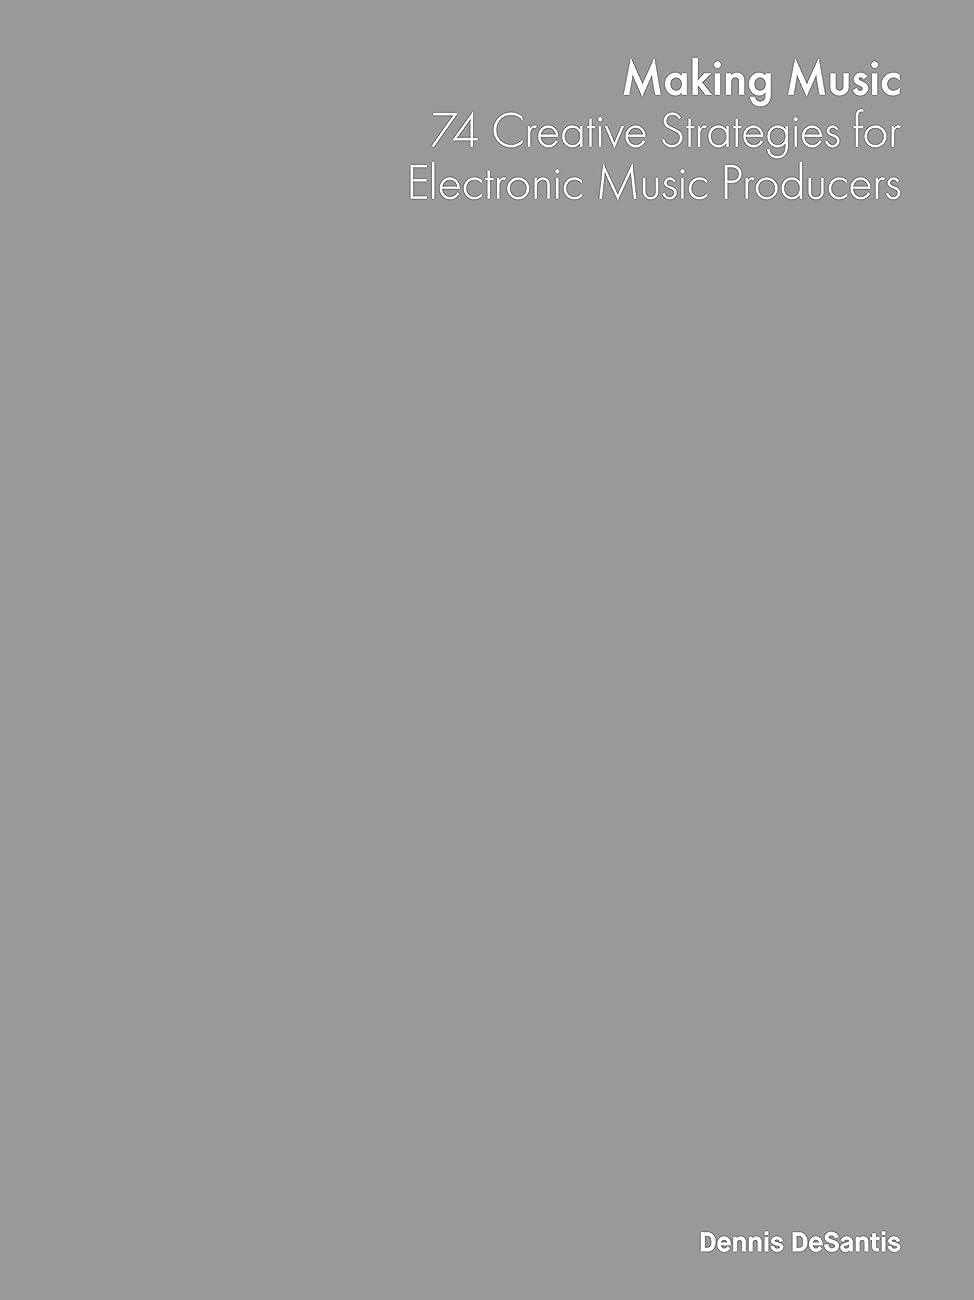 待つ判読できない絶望的なMaking Music: 74 Creative Strategies for Electronic Music Producers (English Edition)